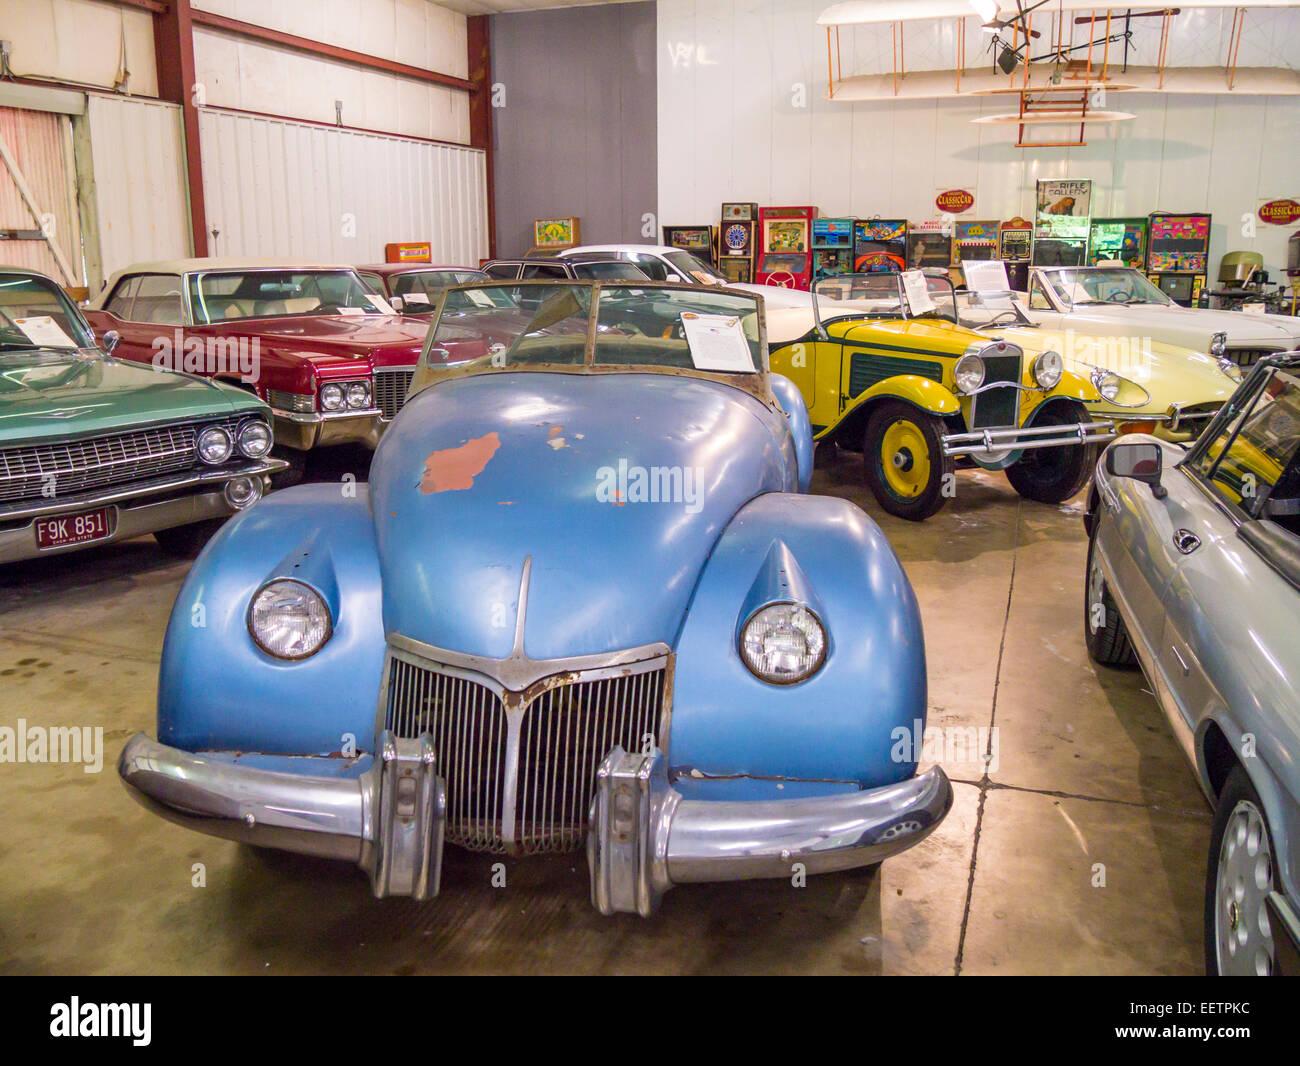 1947 Kurtis-Omohundro Comet car on display inside the Sarasota ...